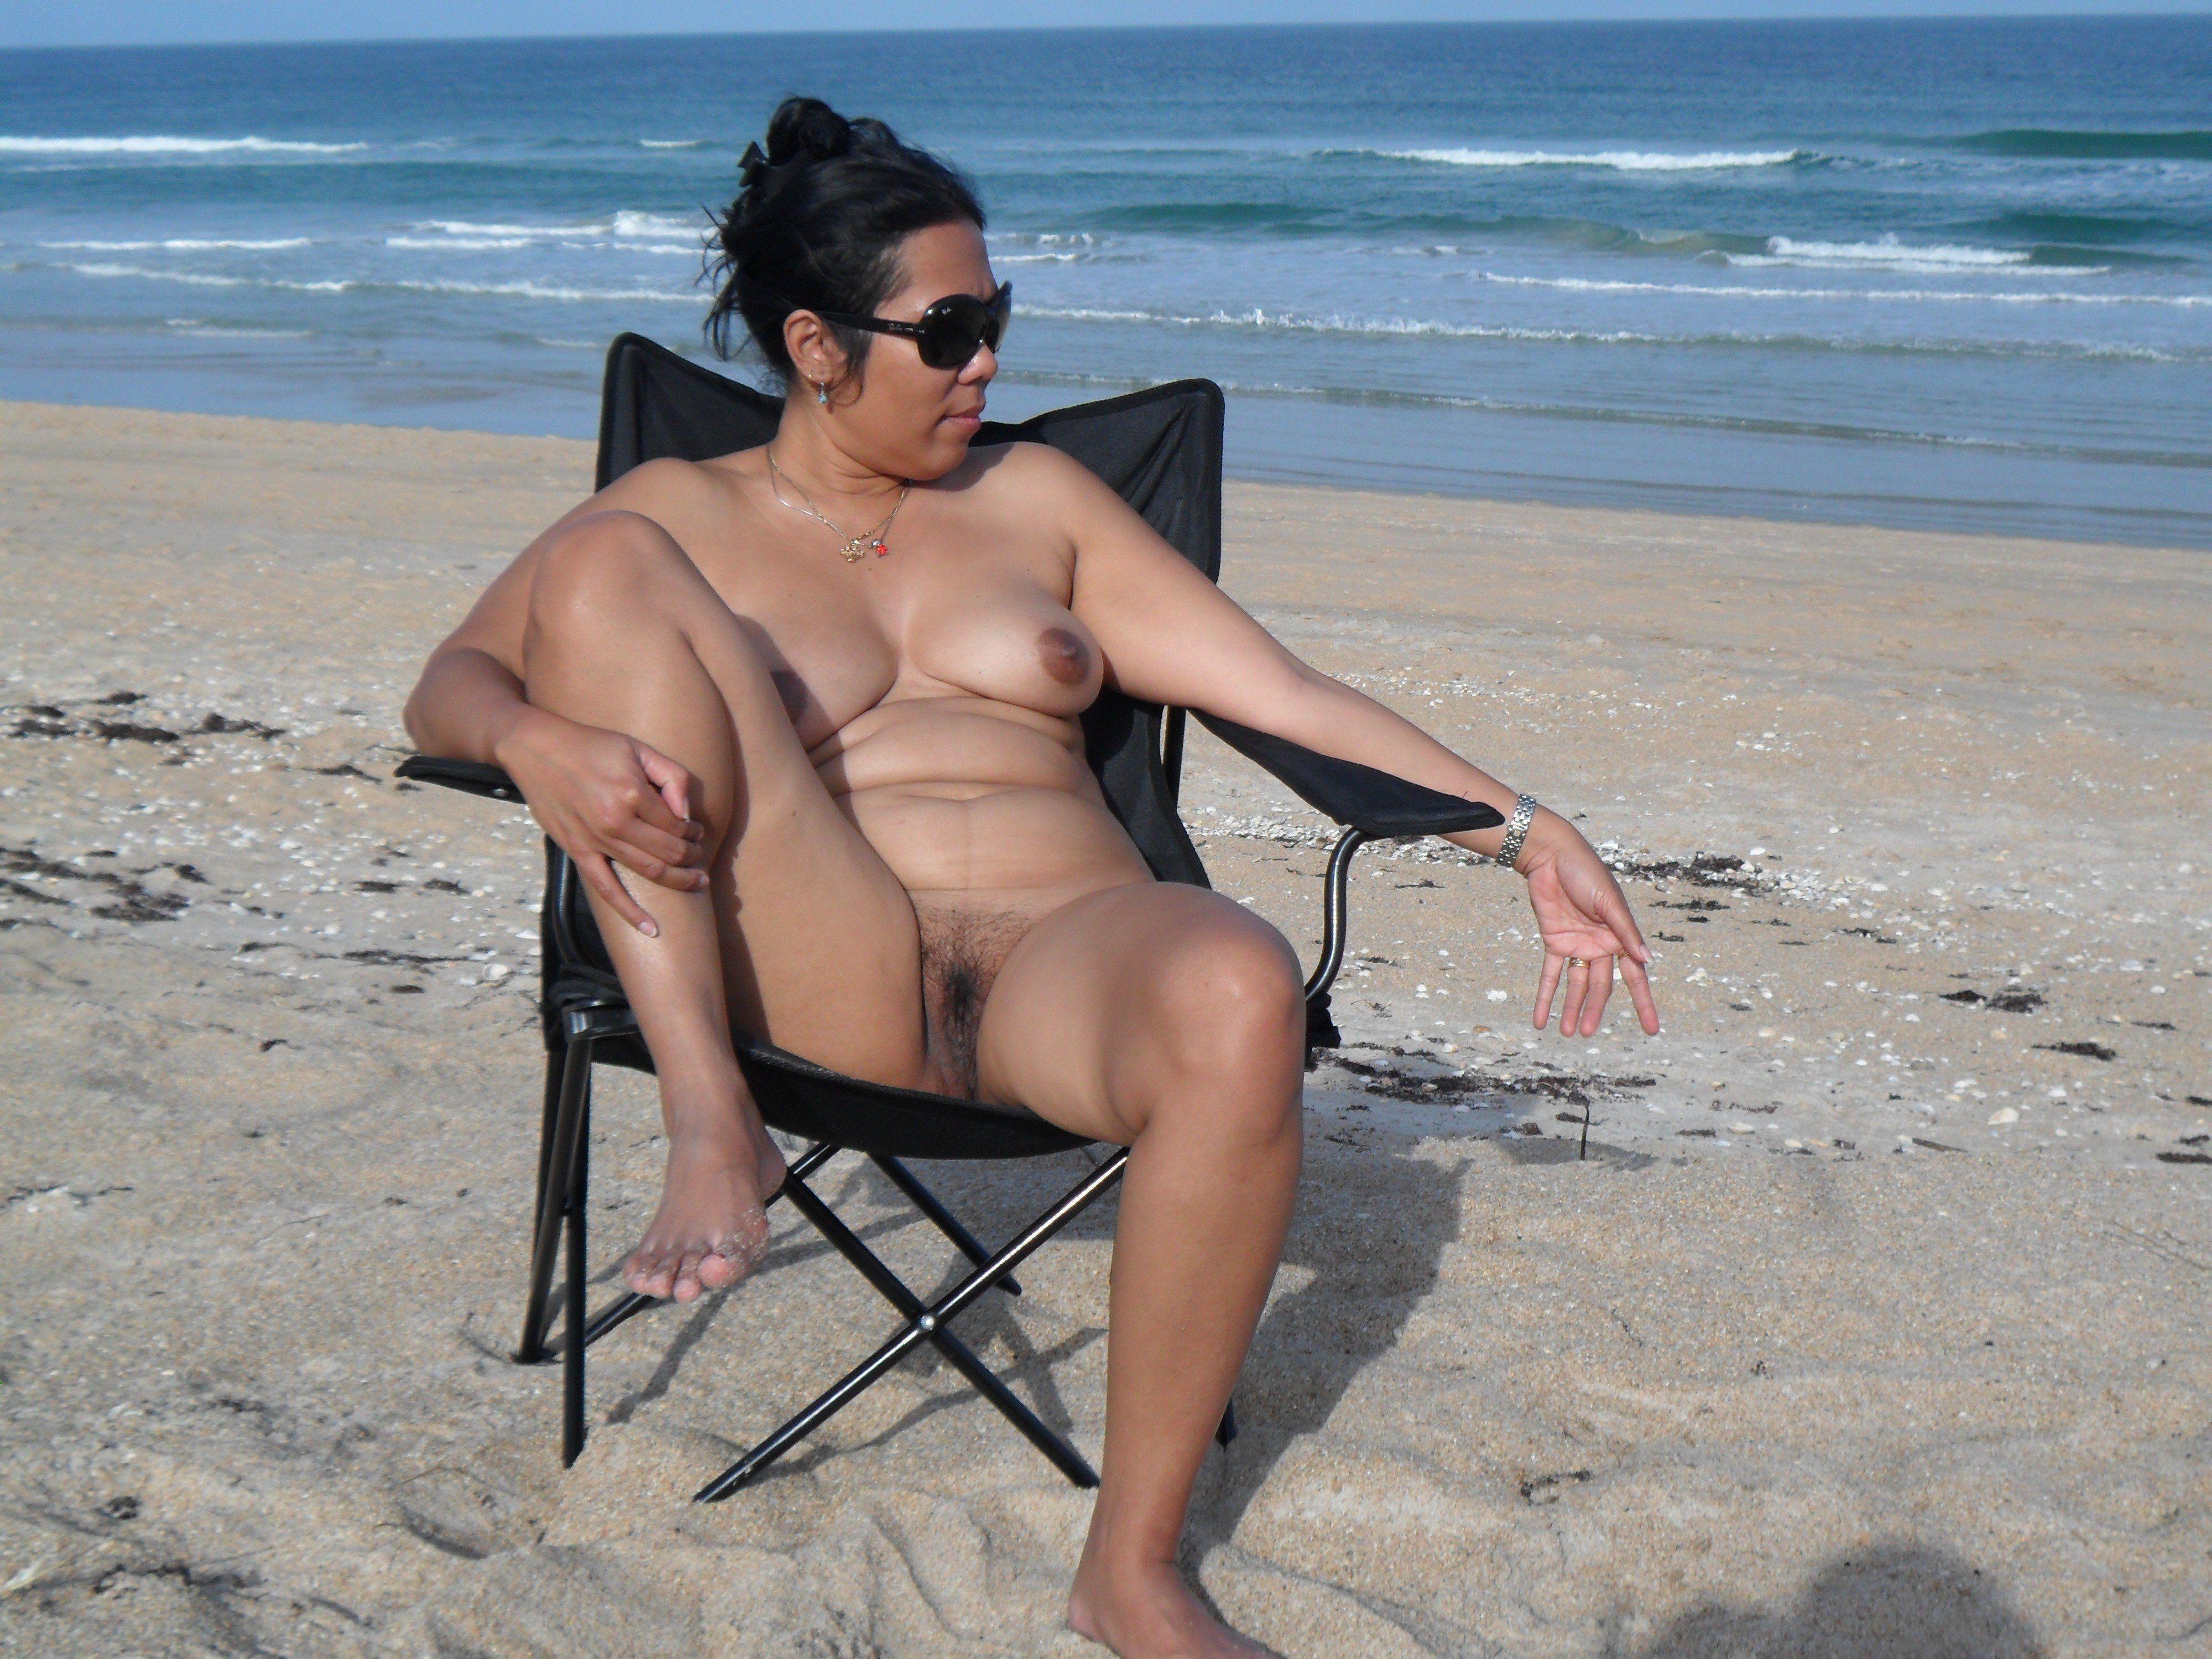 Nude beach women sunbathing